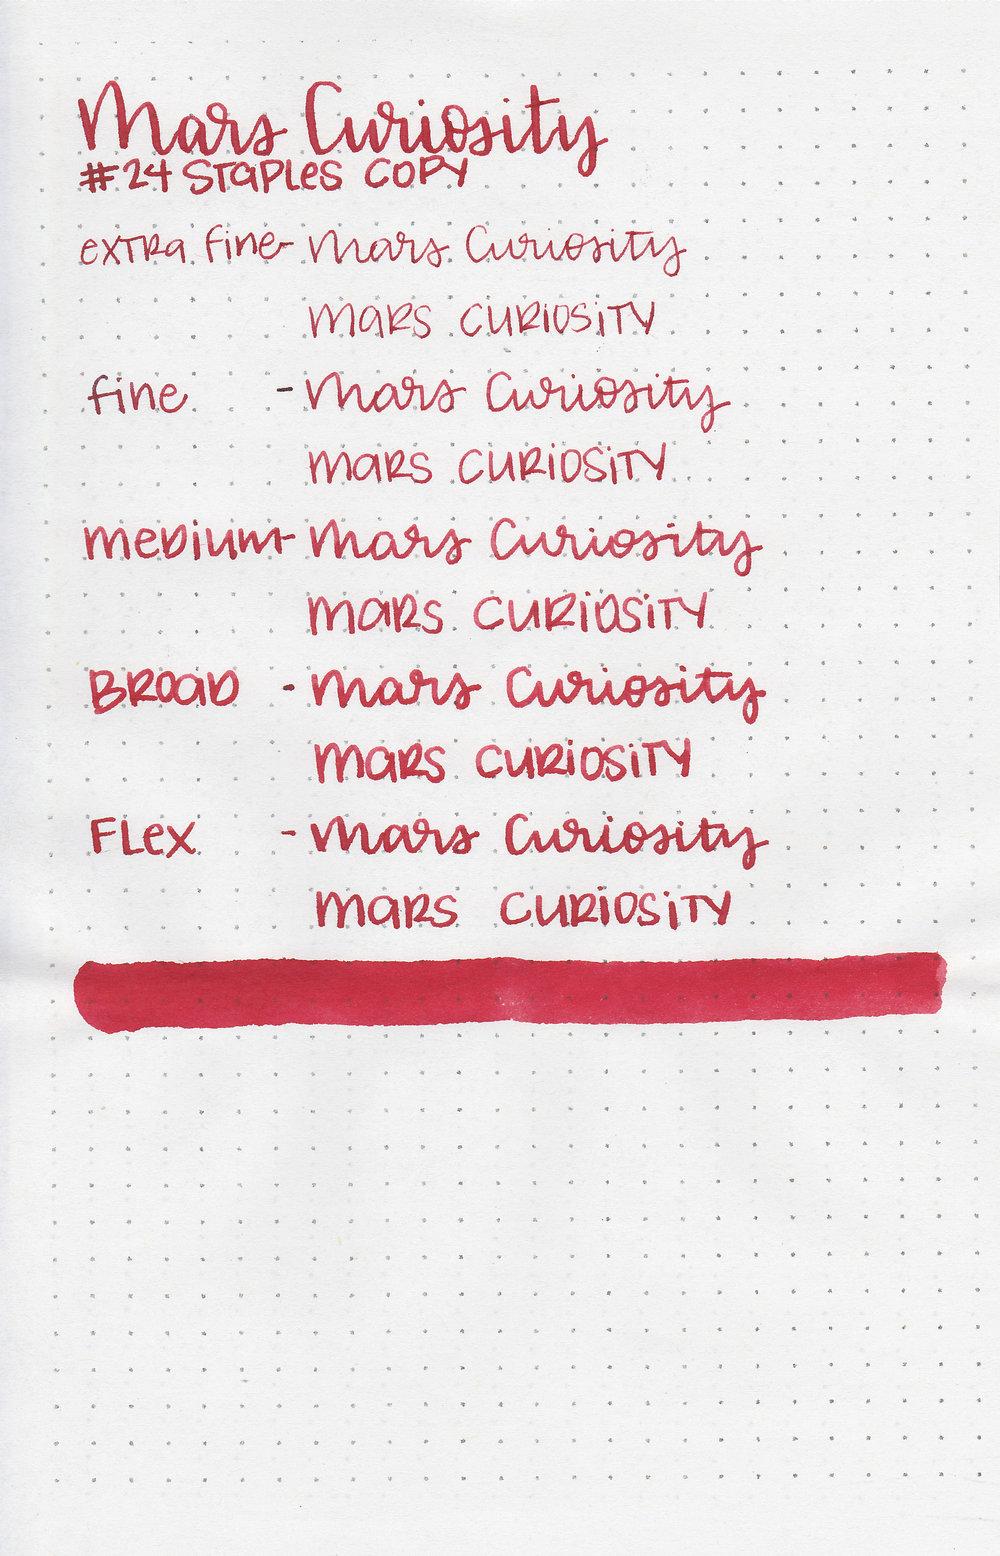 cv-mars-curiosity-12.jpg